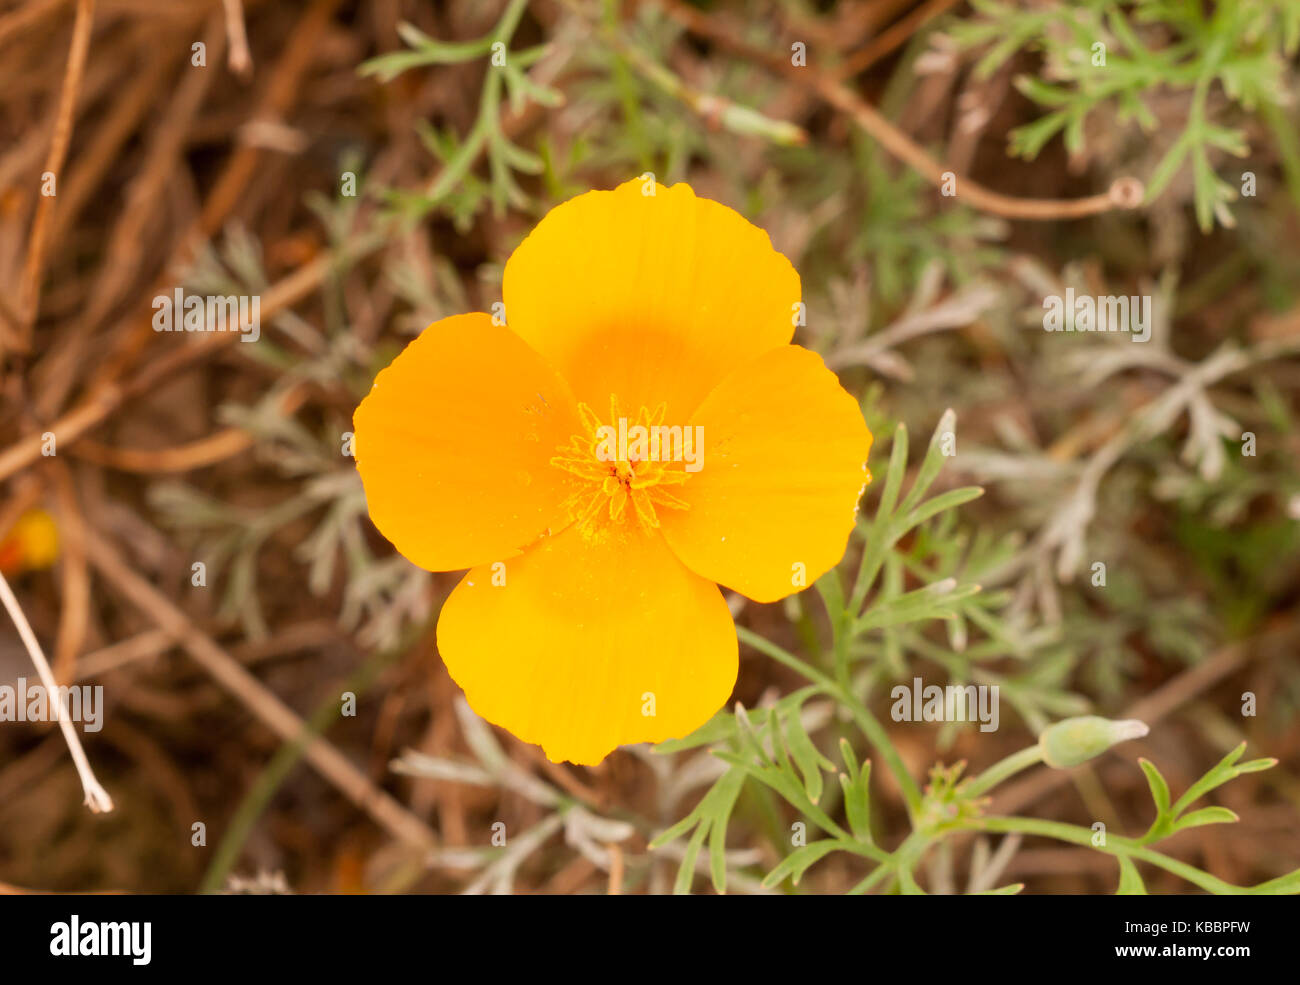 Gorgeous orange golden four petal flower close up essex england gorgeous orange golden four petal flower close up essex england uk mightylinksfo